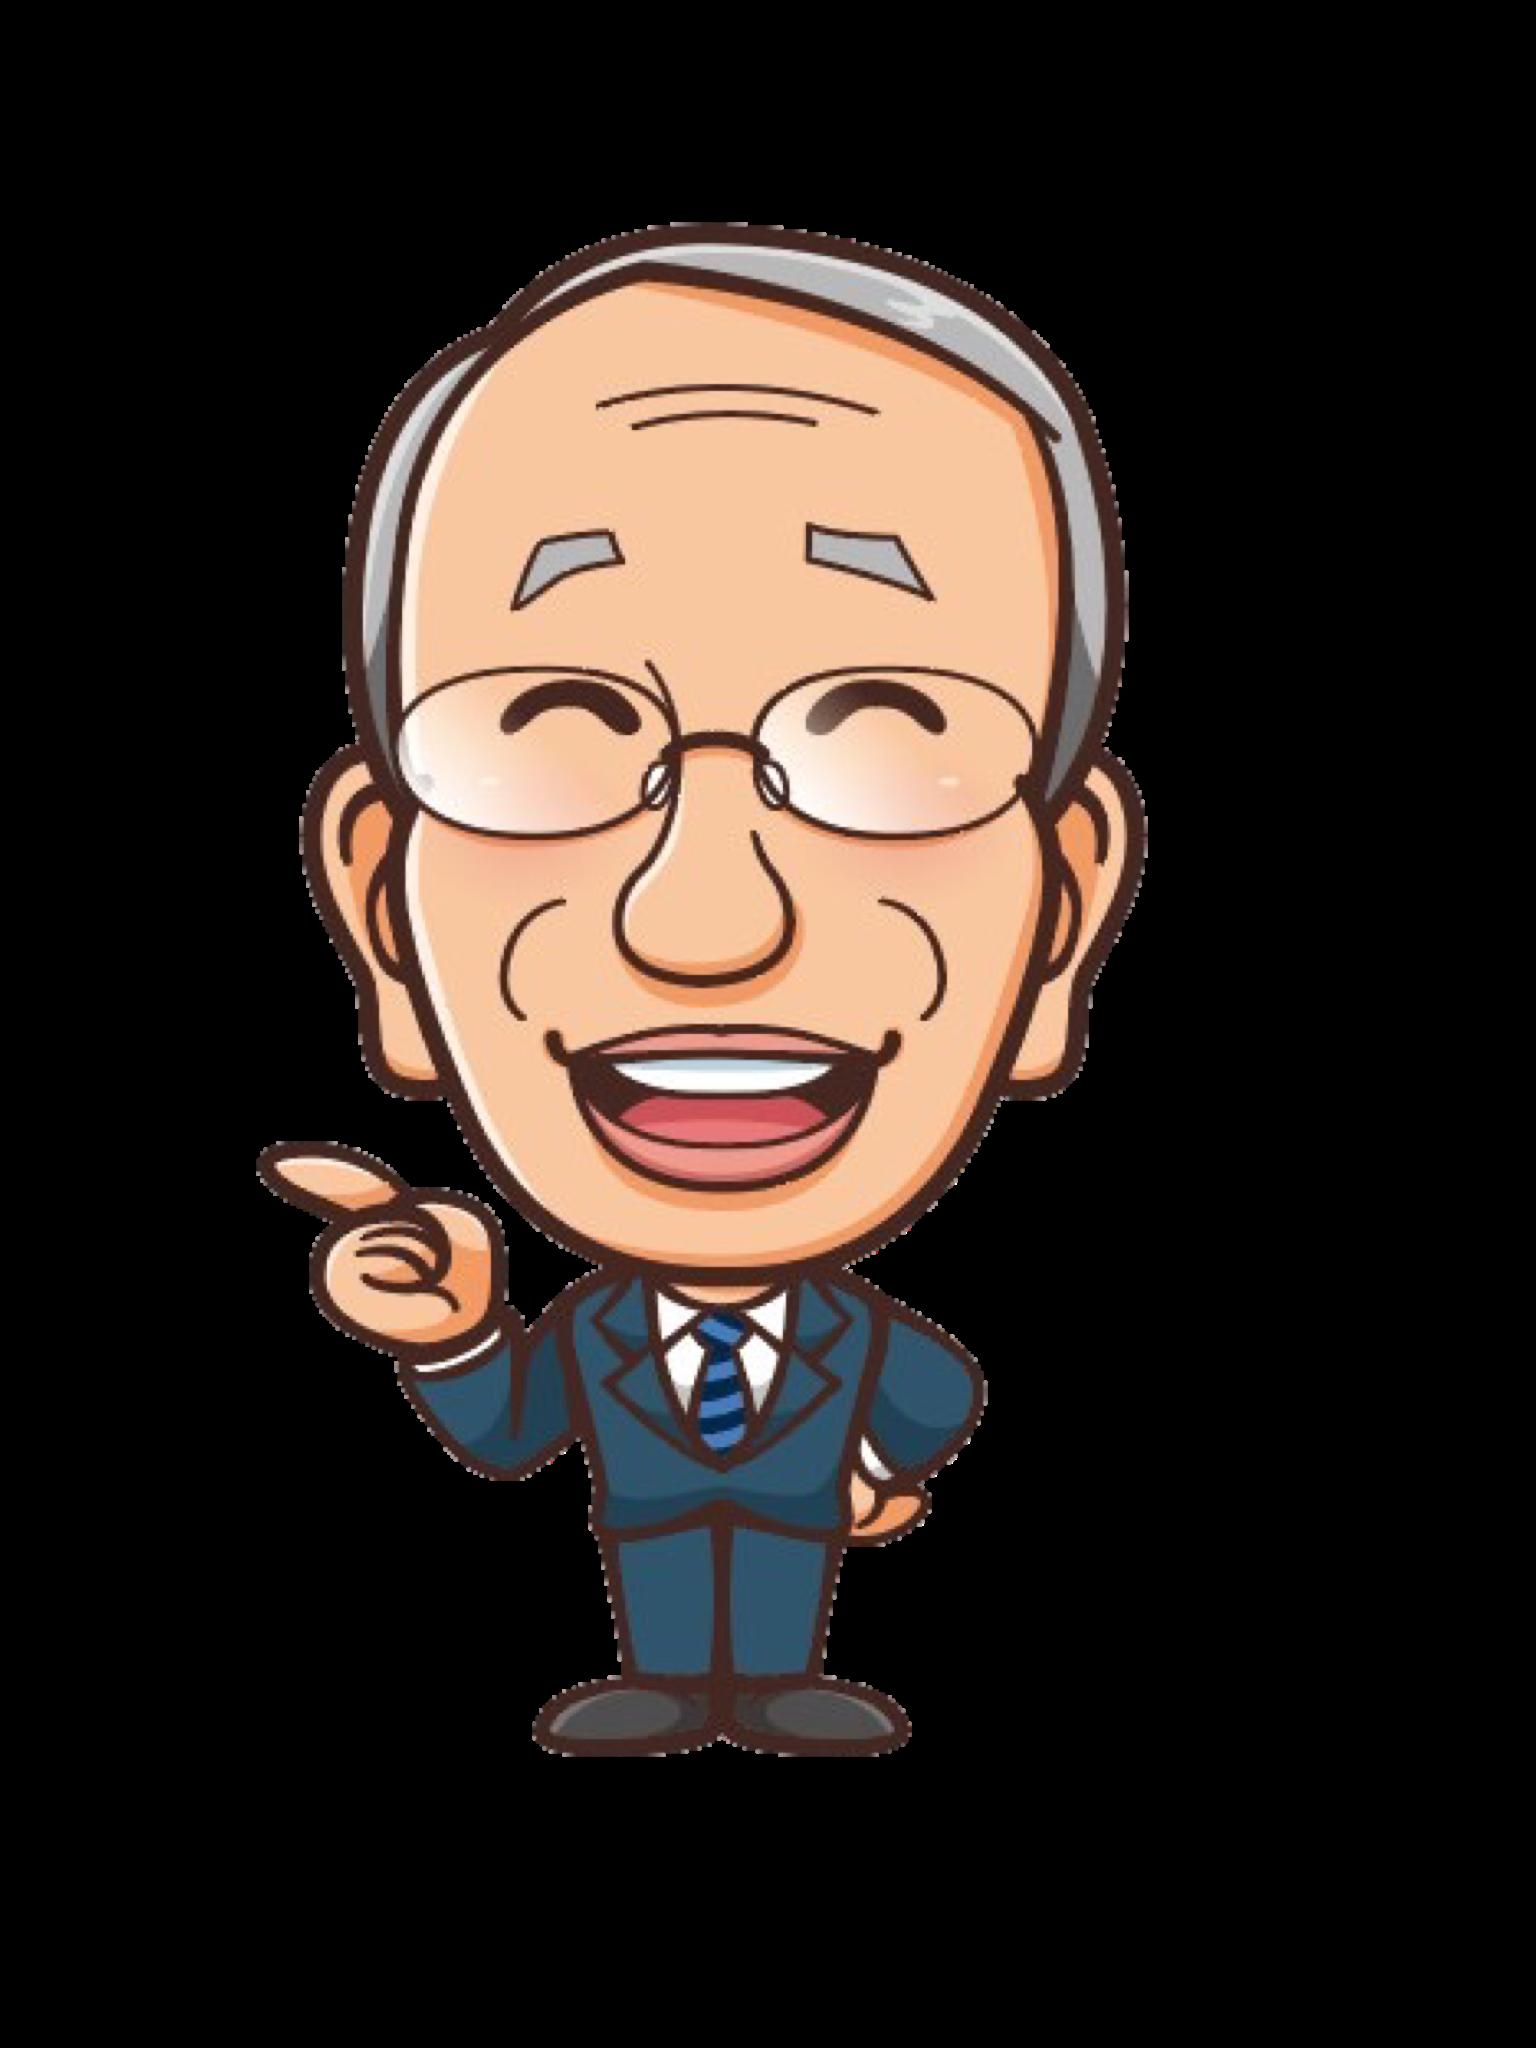 https://fujisoba.co.jp/news/assets/952217386b5d016044fb5727d5a7d7e55297a010.PNG